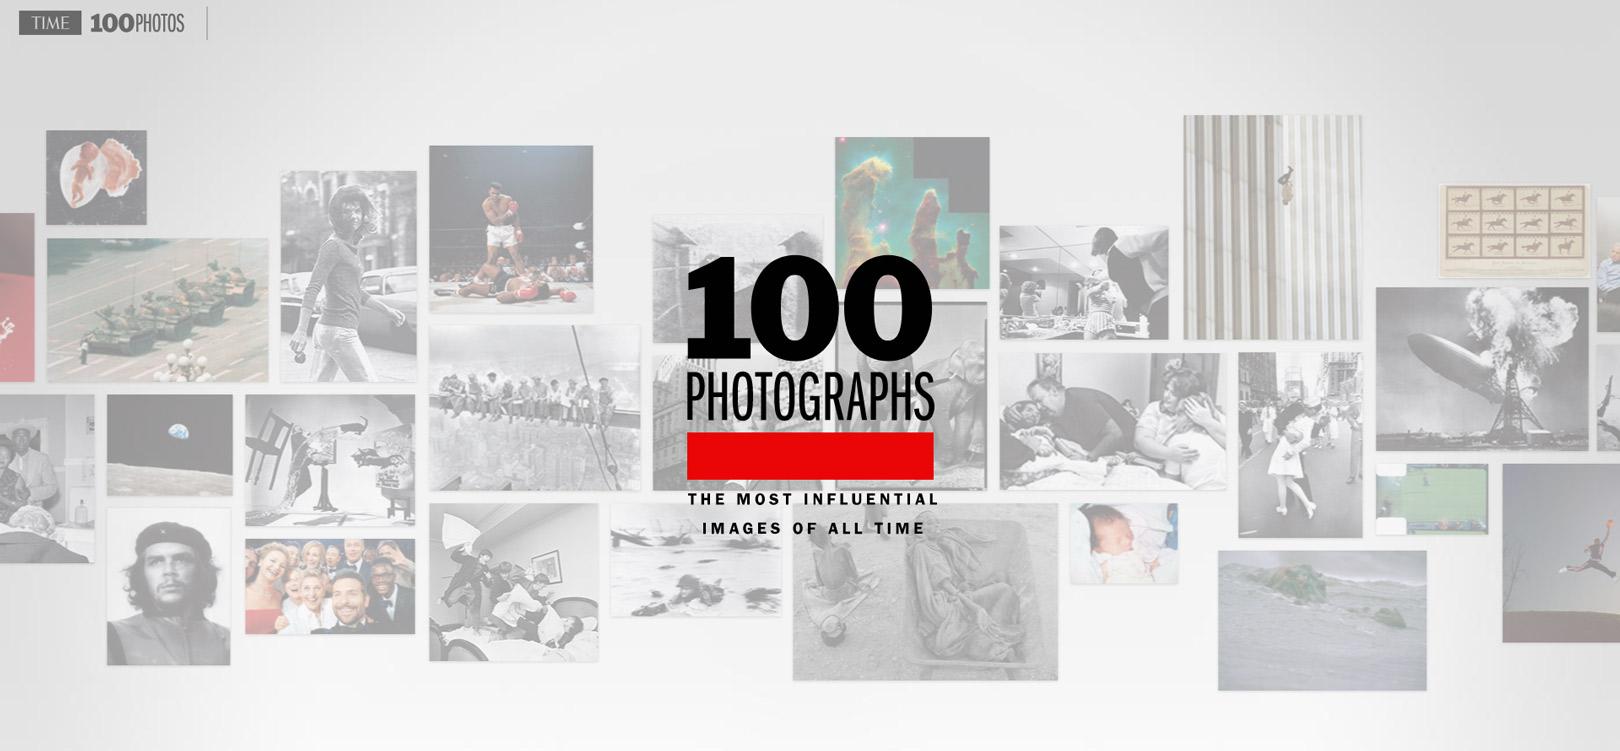 100 foto simbolo secondo il Time